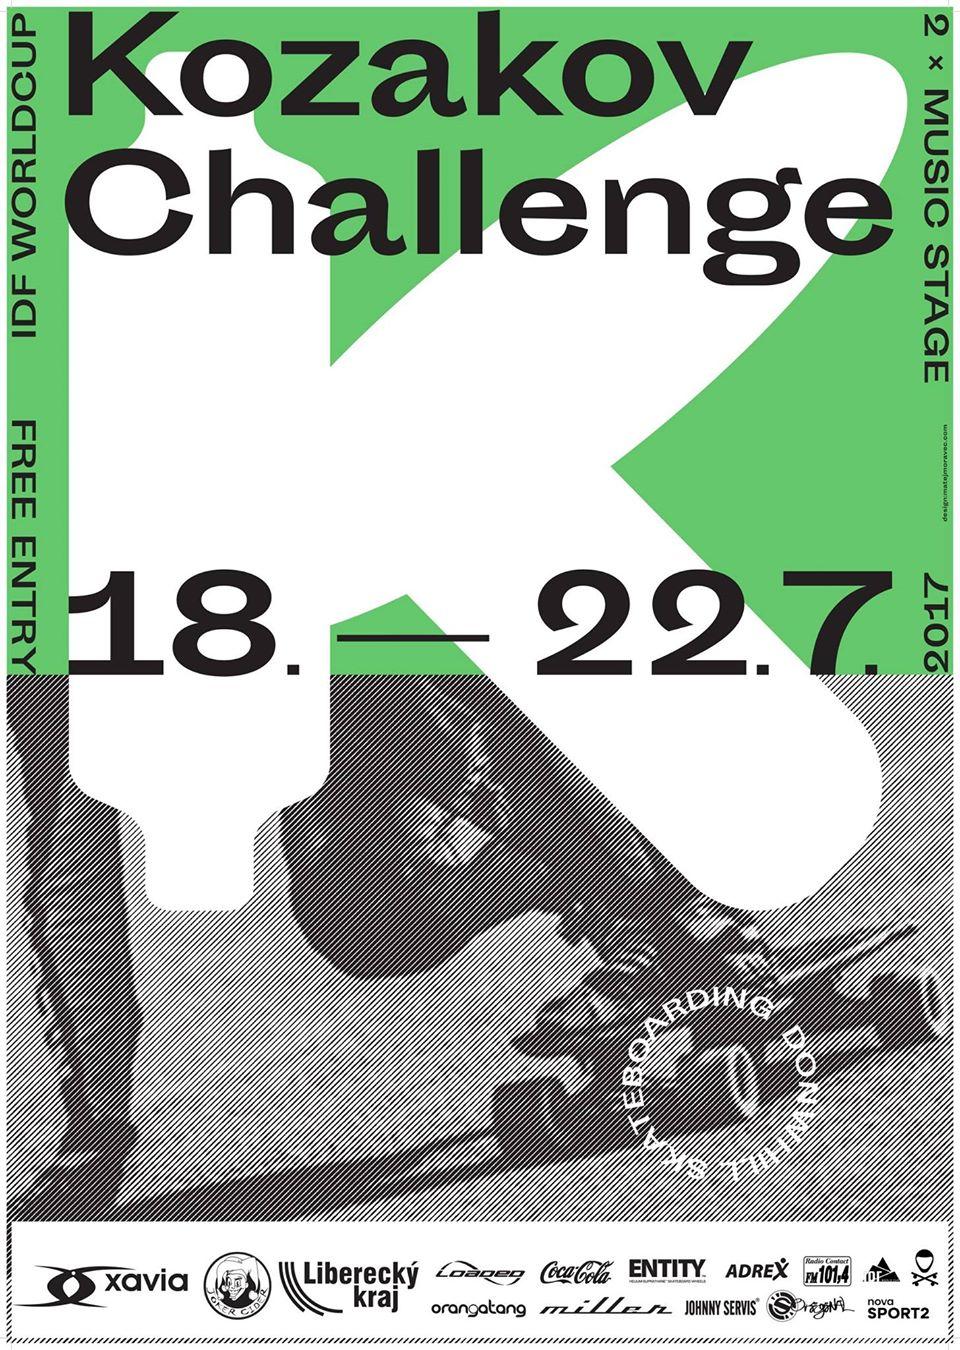 Kozakov Challenge 2017